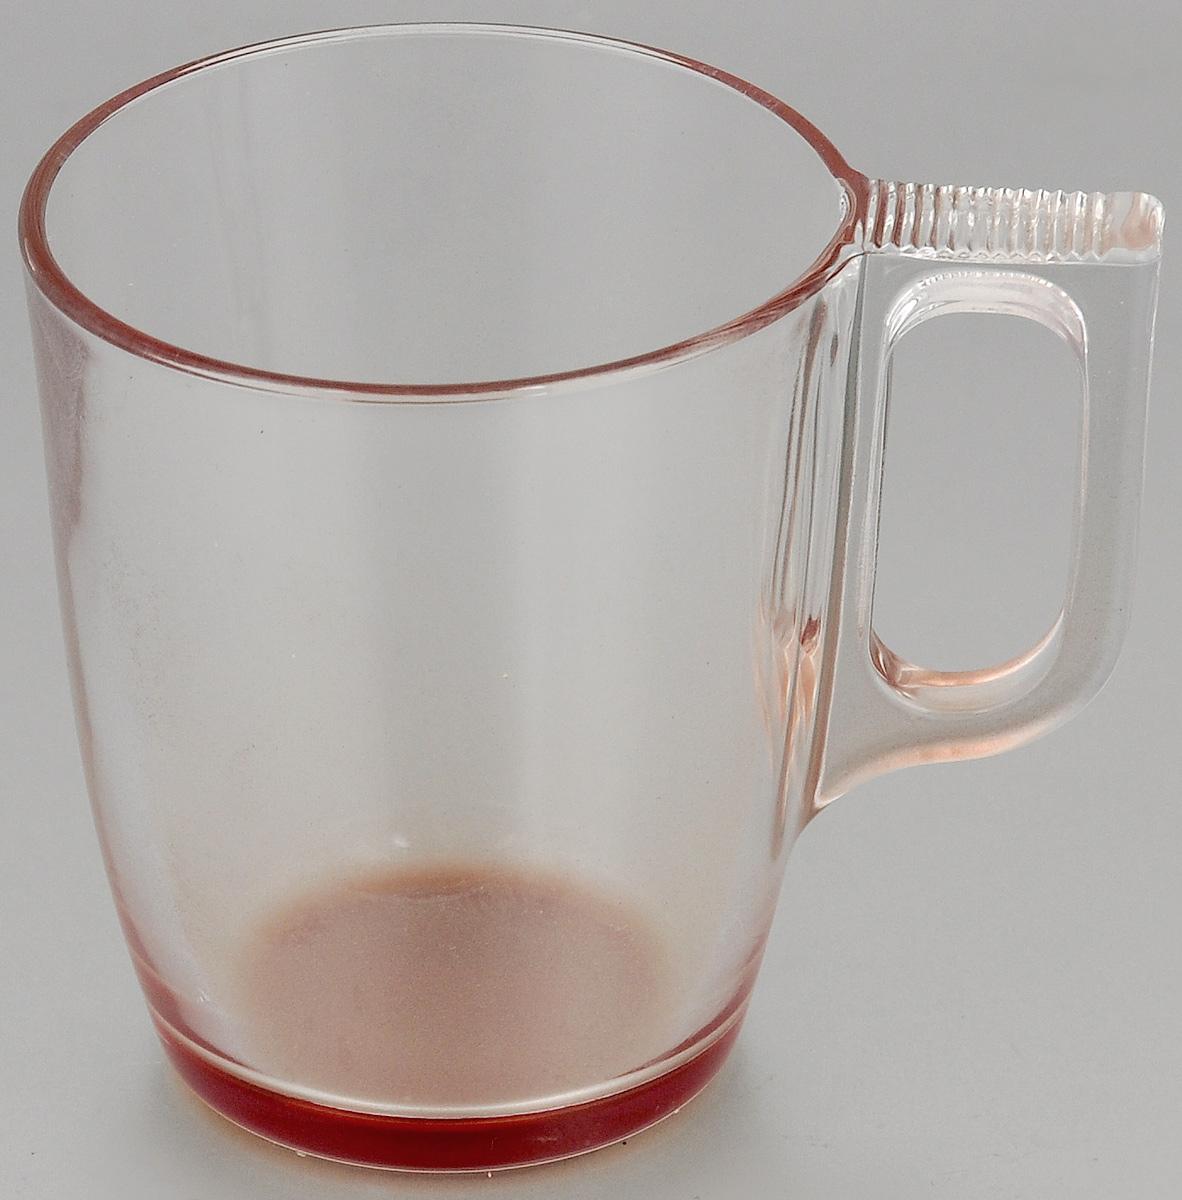 Кружка Luminarc Crazy Colors Red. 250 млJ3706Кружка Luminarc Crazy Colors Red, изготовленная из ударопрочного стекла, прекрасно подойдет для горячих и холодных напитков. Она дополнит коллекцию вашей кухонной посуды и будет служить долгие годы. Можно мыть в посудомоечной машине. Диаметр кружки (по верхнему краю): 7,5 см.